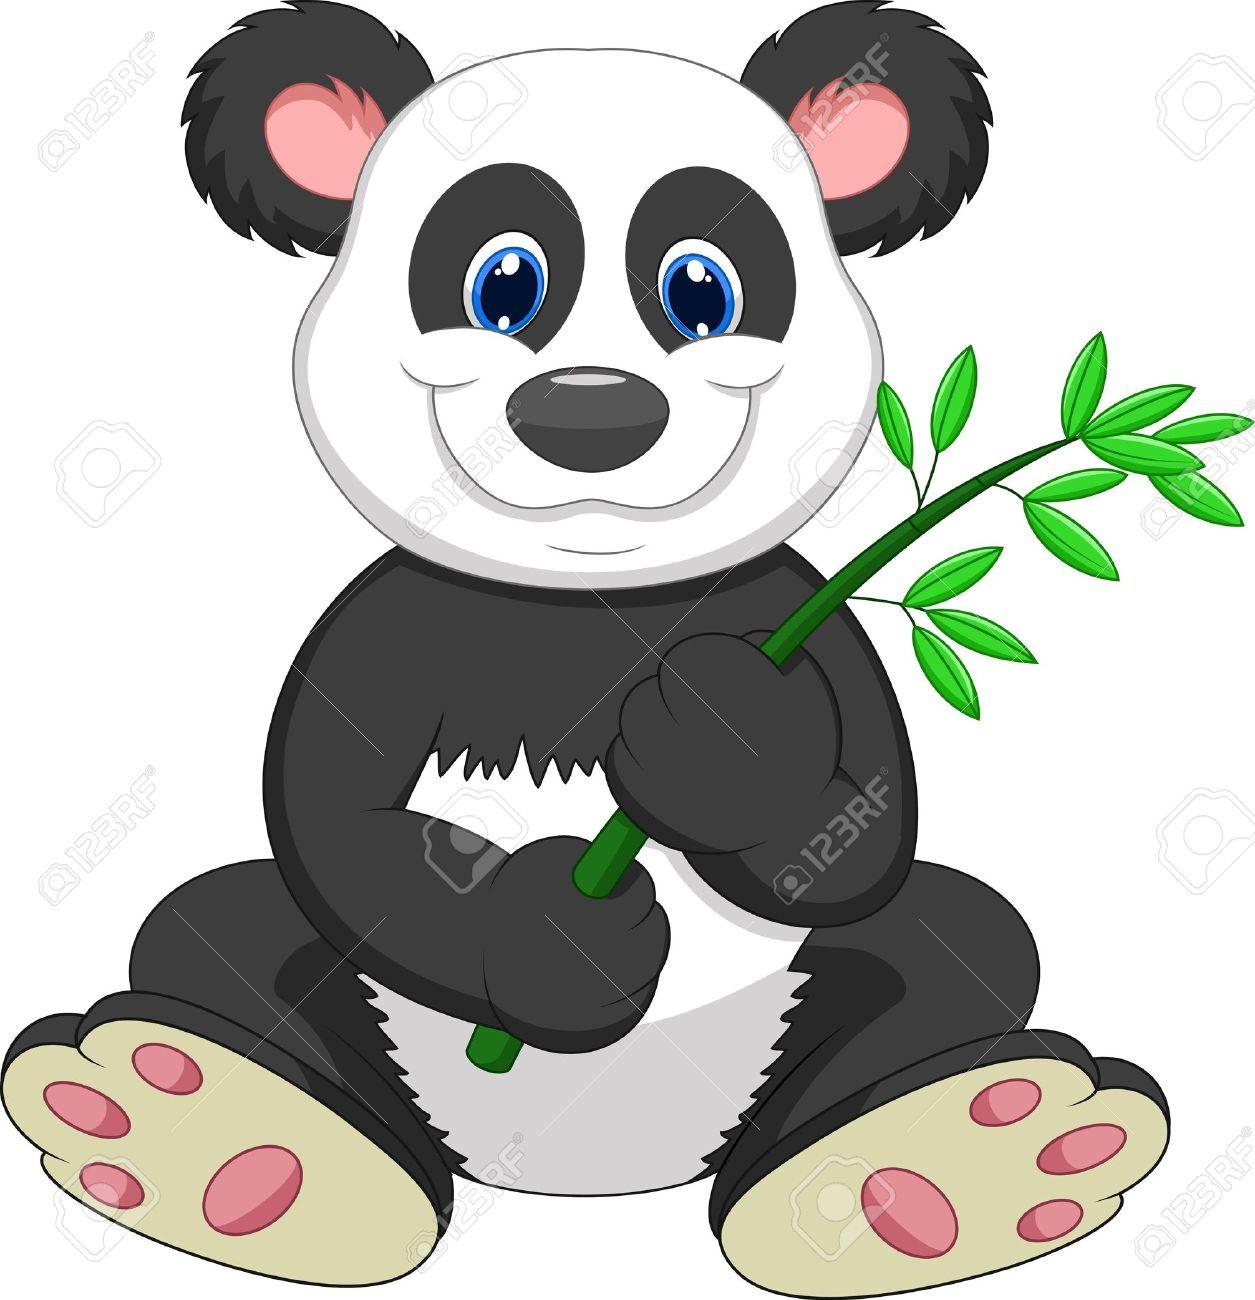 Giant Panda Cartoon Eating Bamboo Royalty Free Cliparts, Vectors.